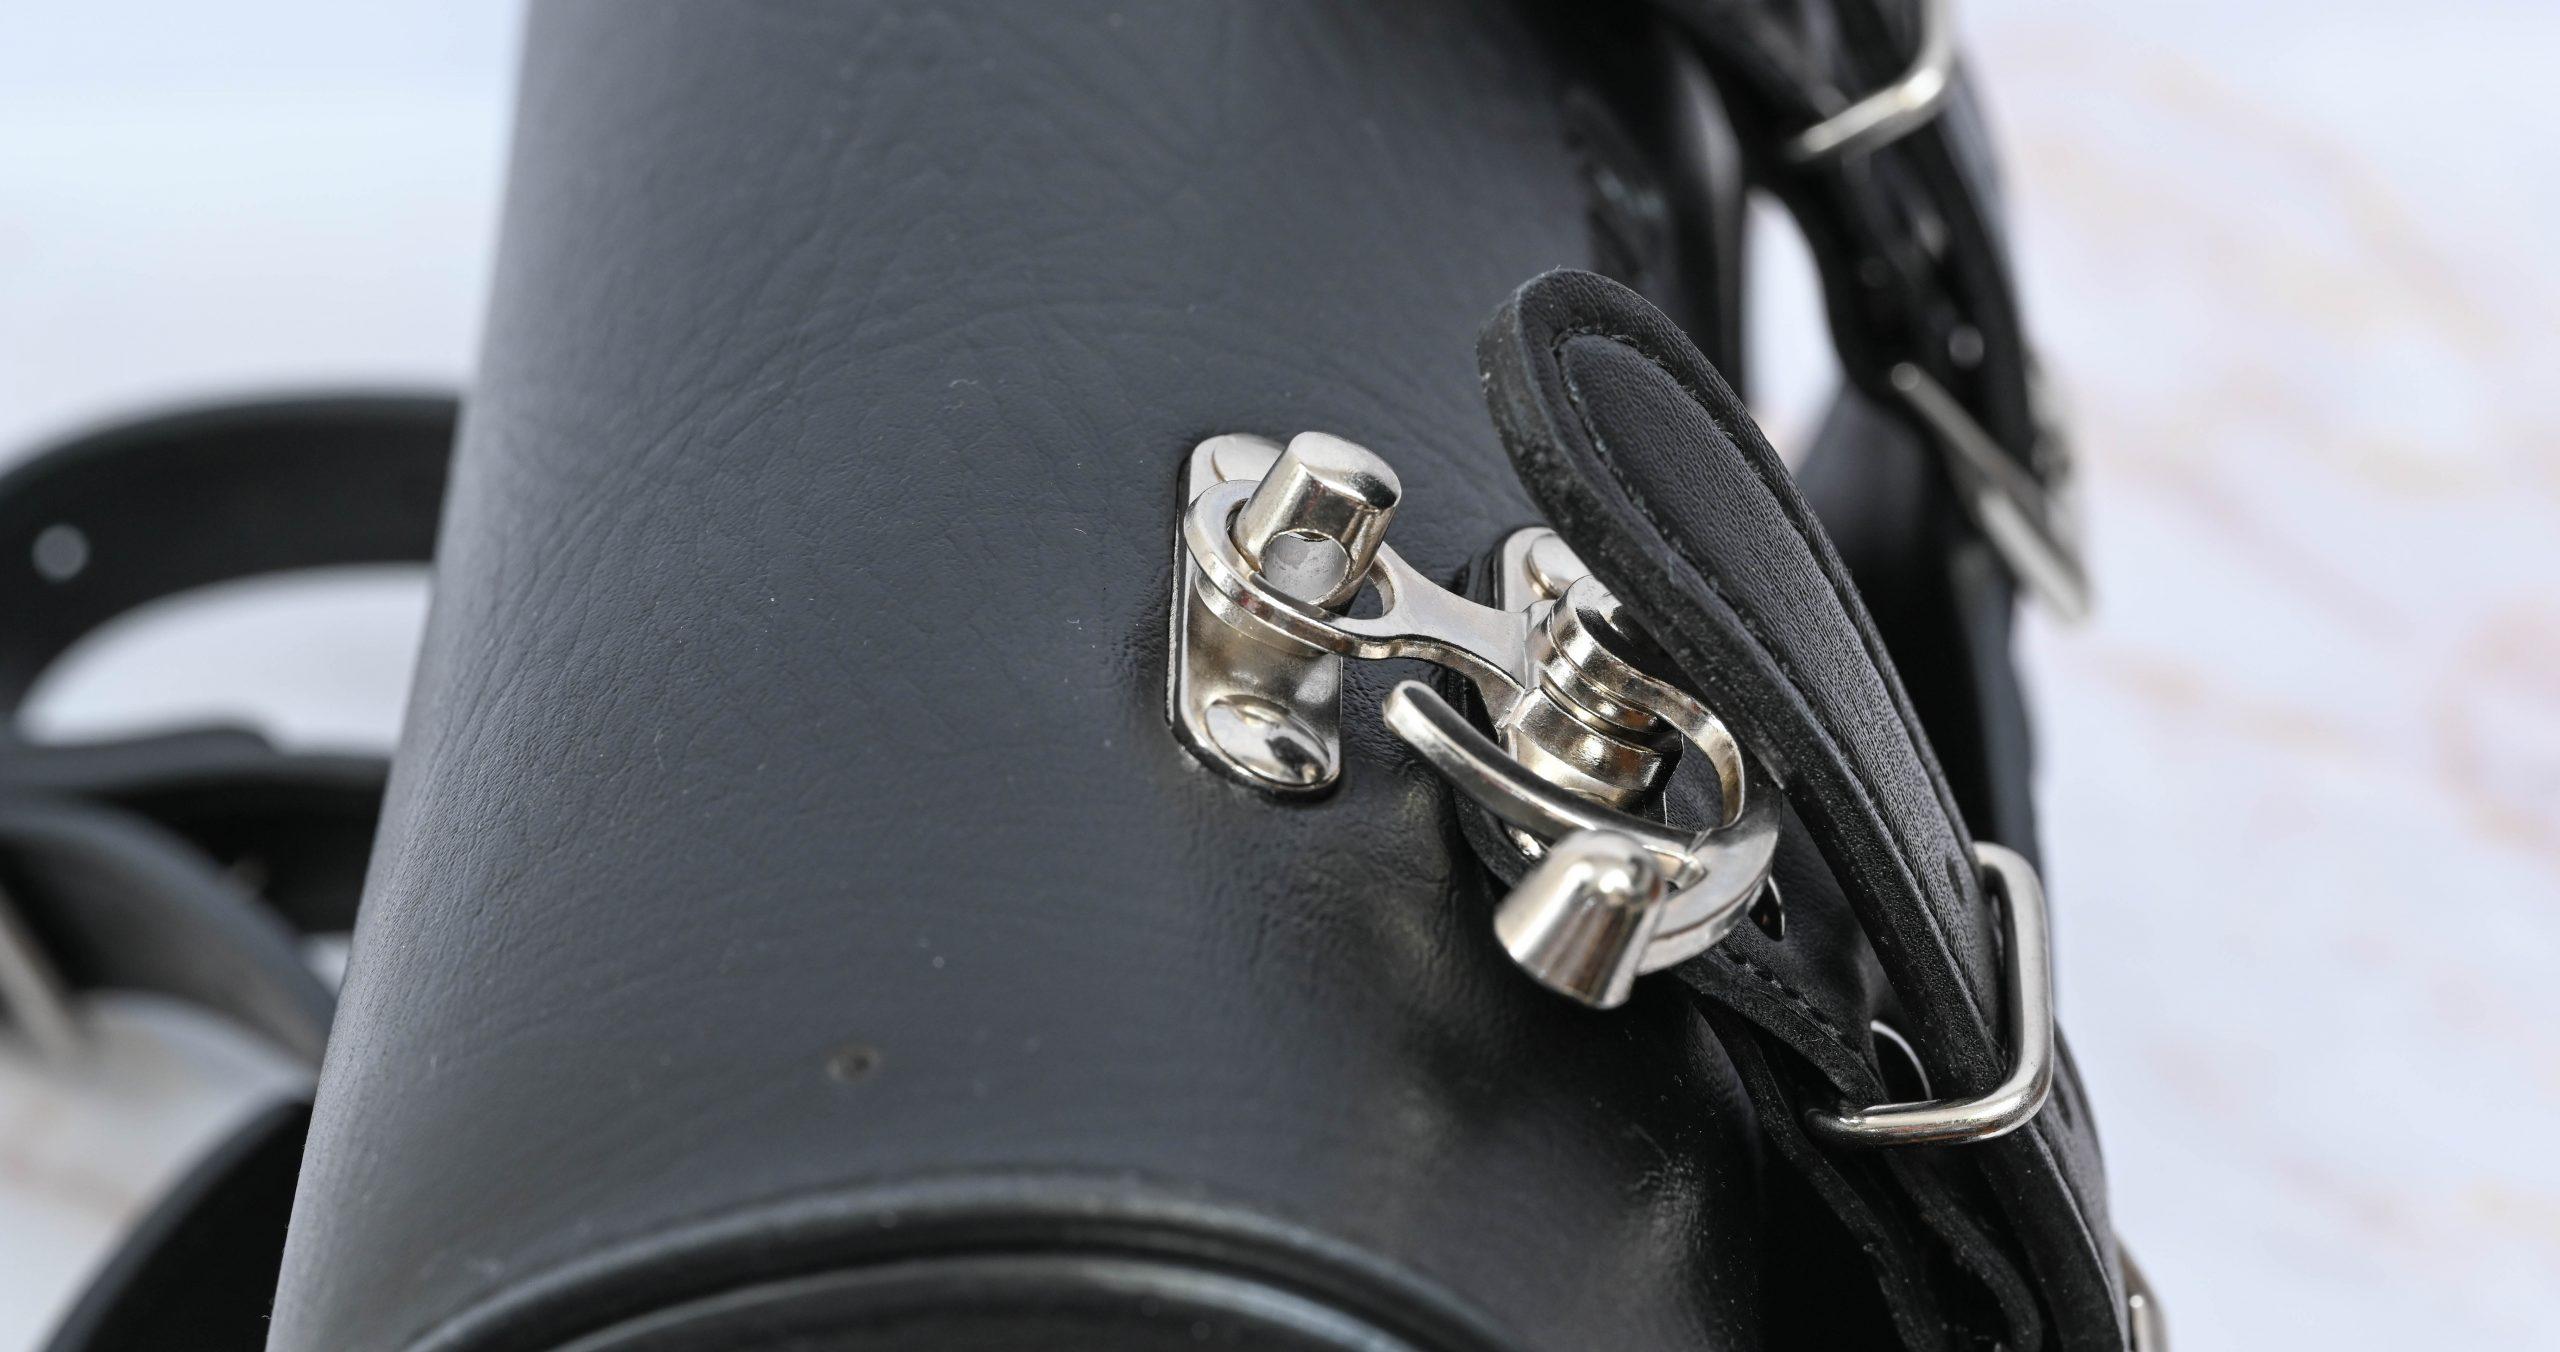 デイトナ ヘンリービギンズ バイク用 ツールバッグ 1.5L ラウンドタイプ 車載工具 DHS-7 98771